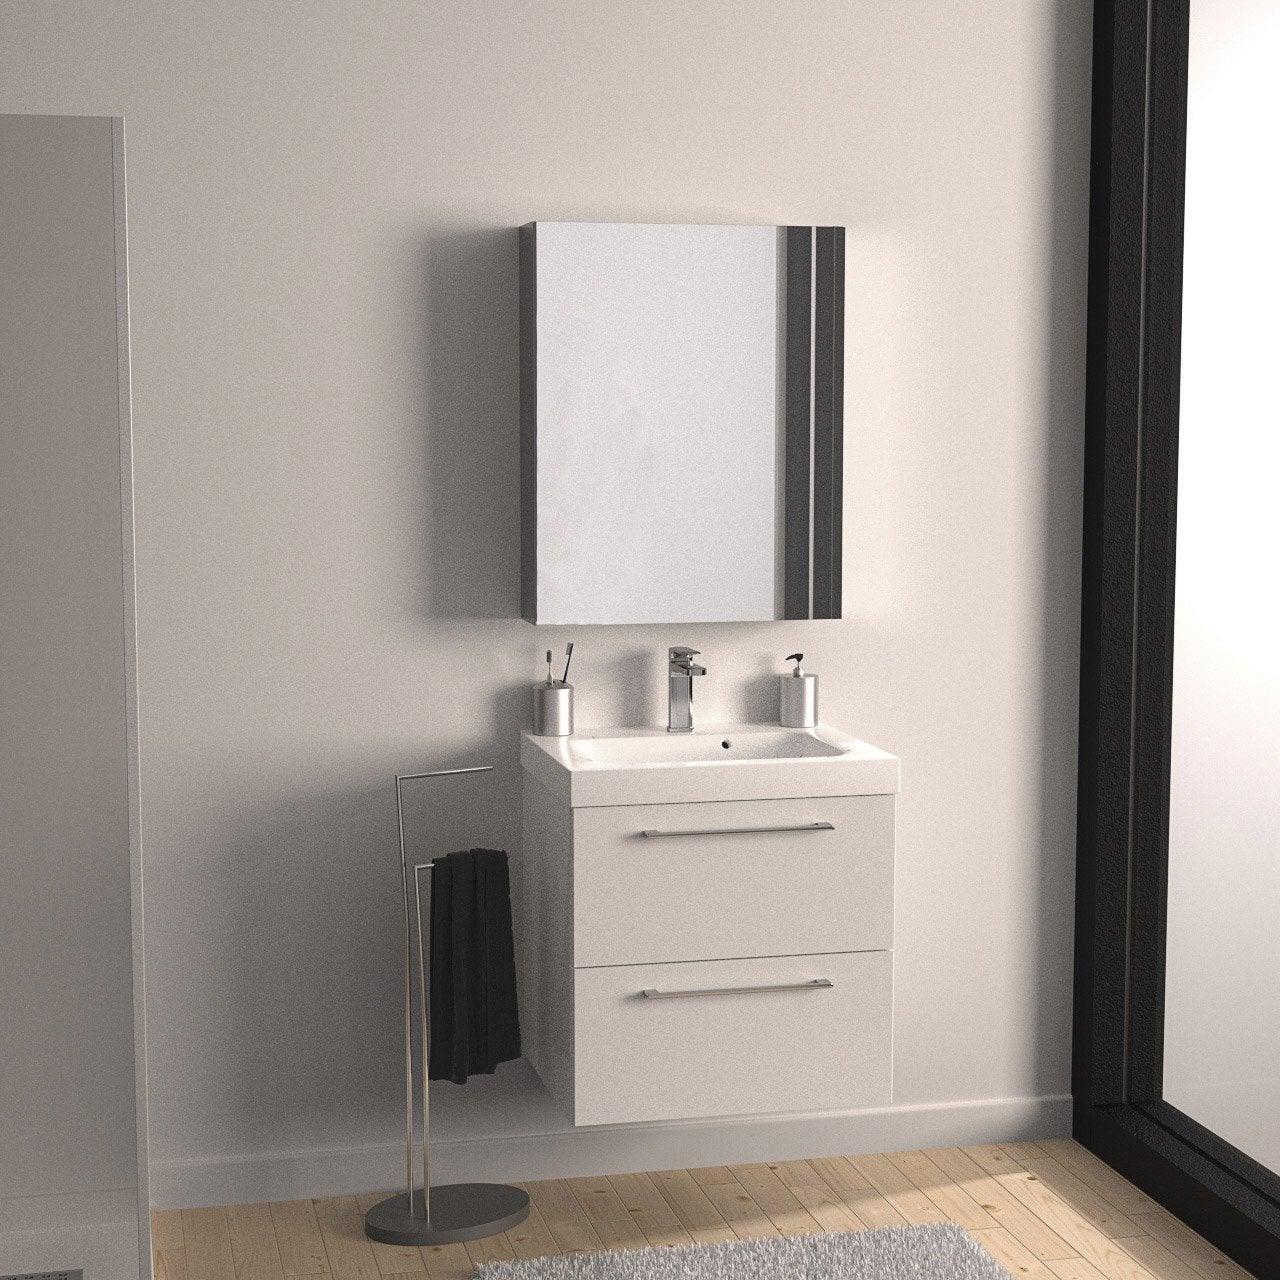 meuble de salle de bains remix blanc blanc n 0 61x48 5 cm 2 tiroirs leroy merlin. Black Bedroom Furniture Sets. Home Design Ideas